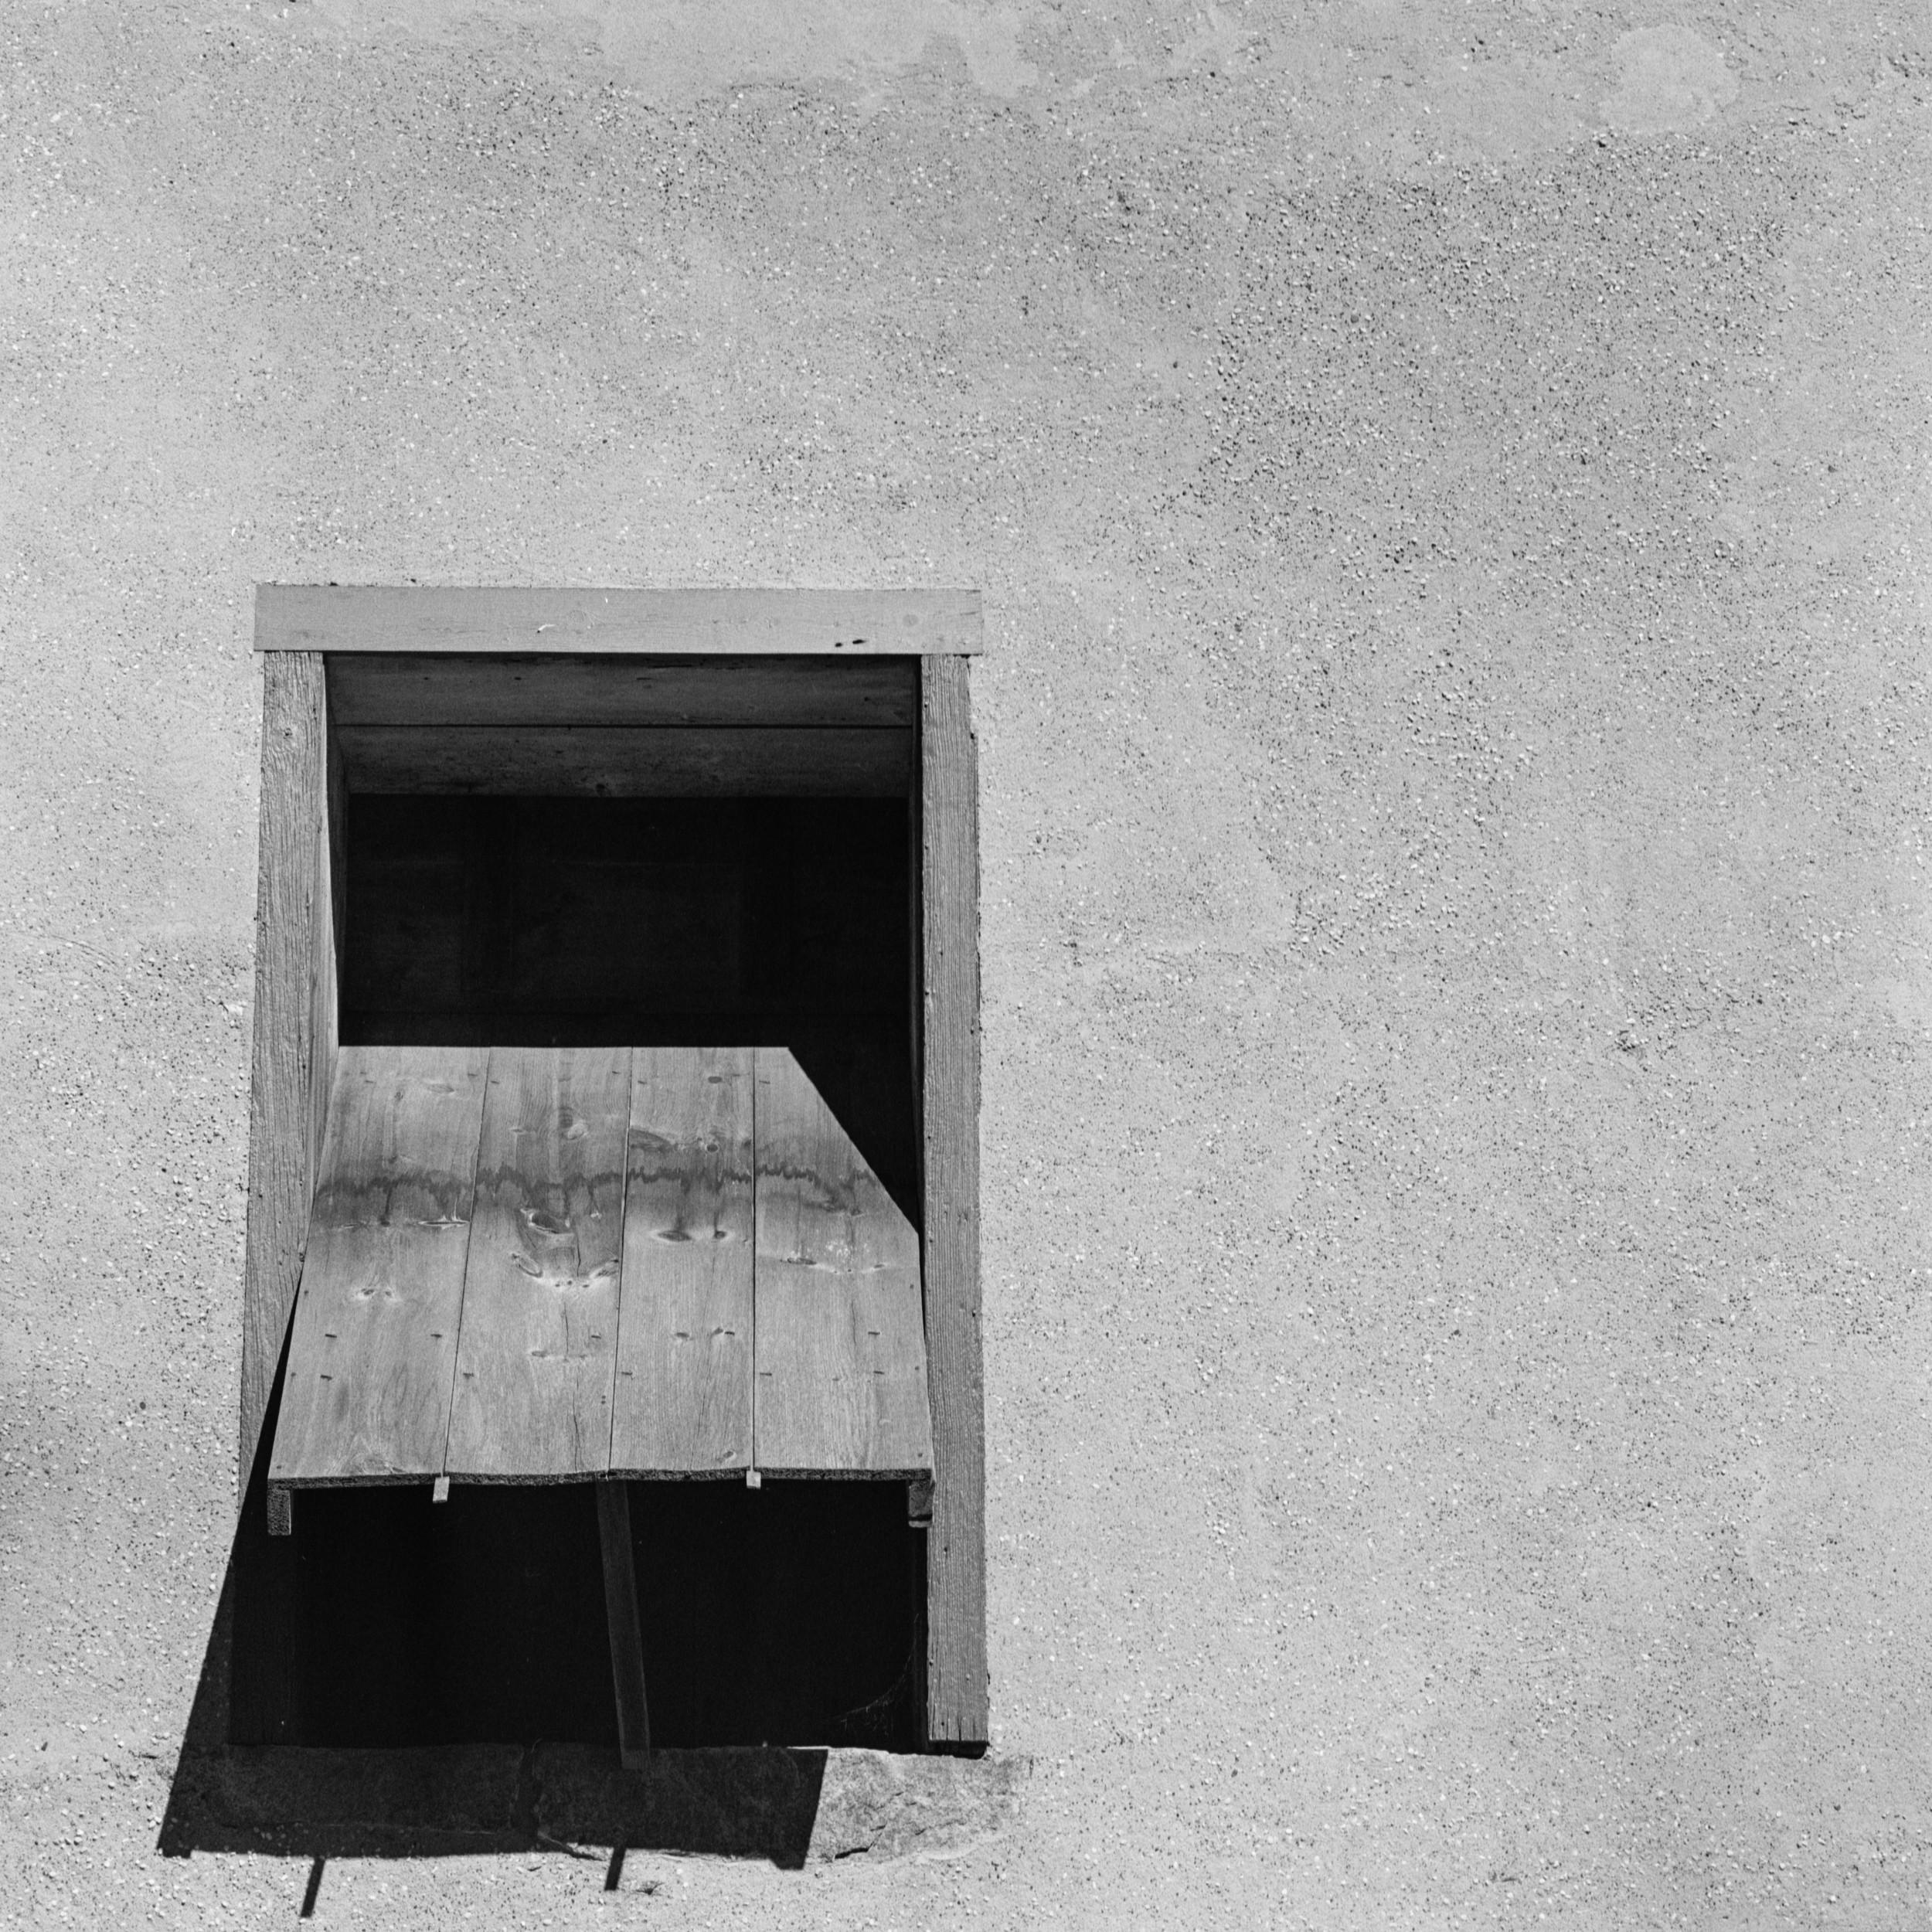 Mill Window - 2015